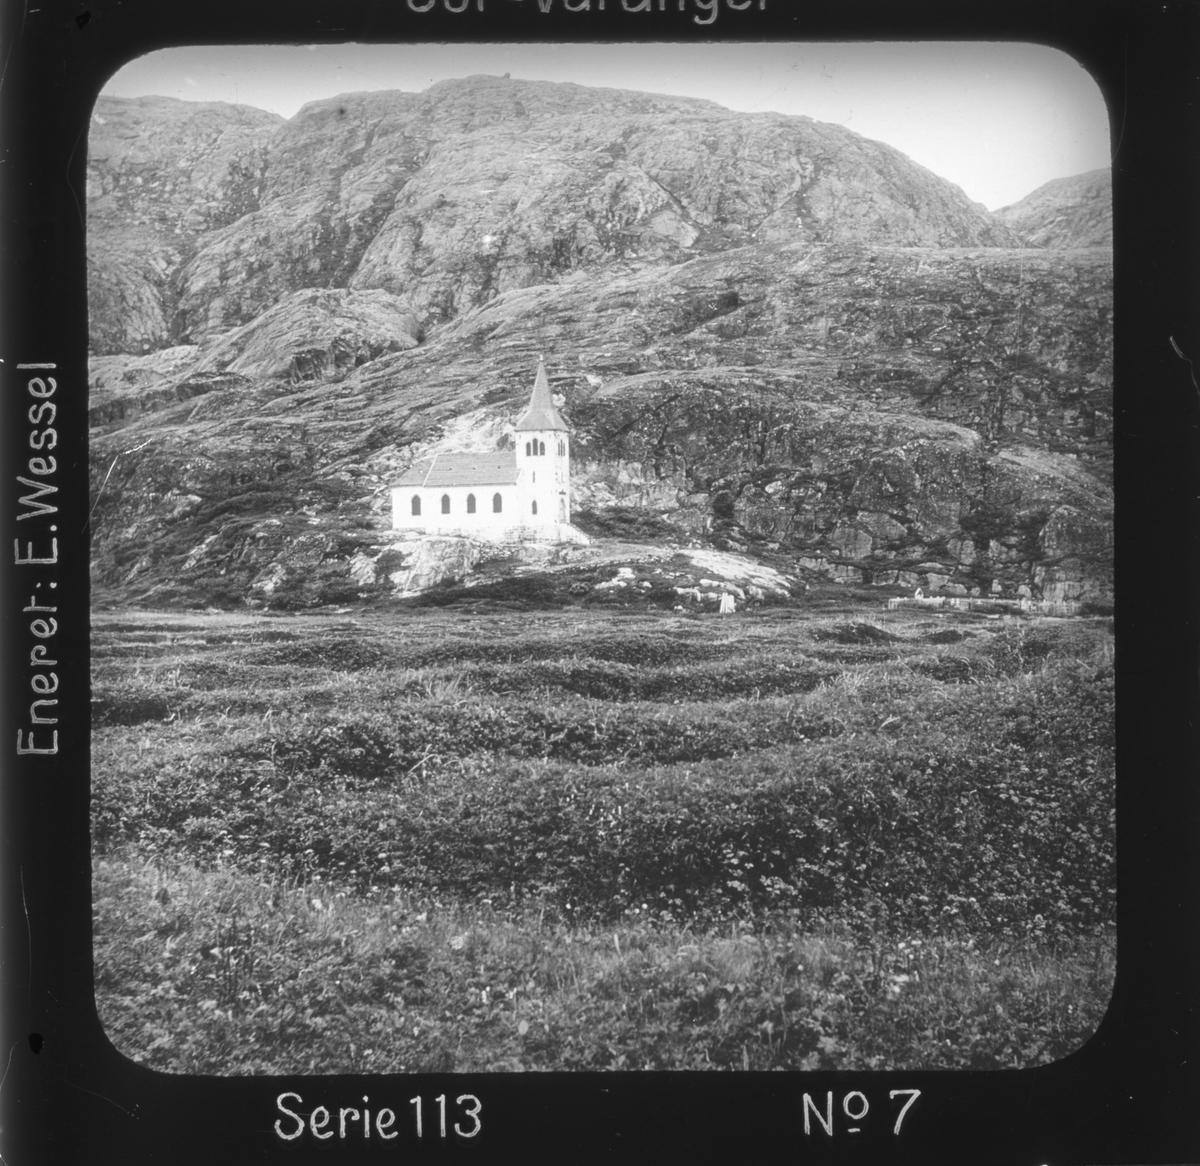 """Oscar II's kapell, Grense Jakobselv, Sør-Varanger, Finnmark. Motivet har nr.7 i lysbildeforedraget kalt  """"I lappernes land - Sør-Varanger"""", utgitt i Nerliens Lysbilledserier, serie nr 113."""